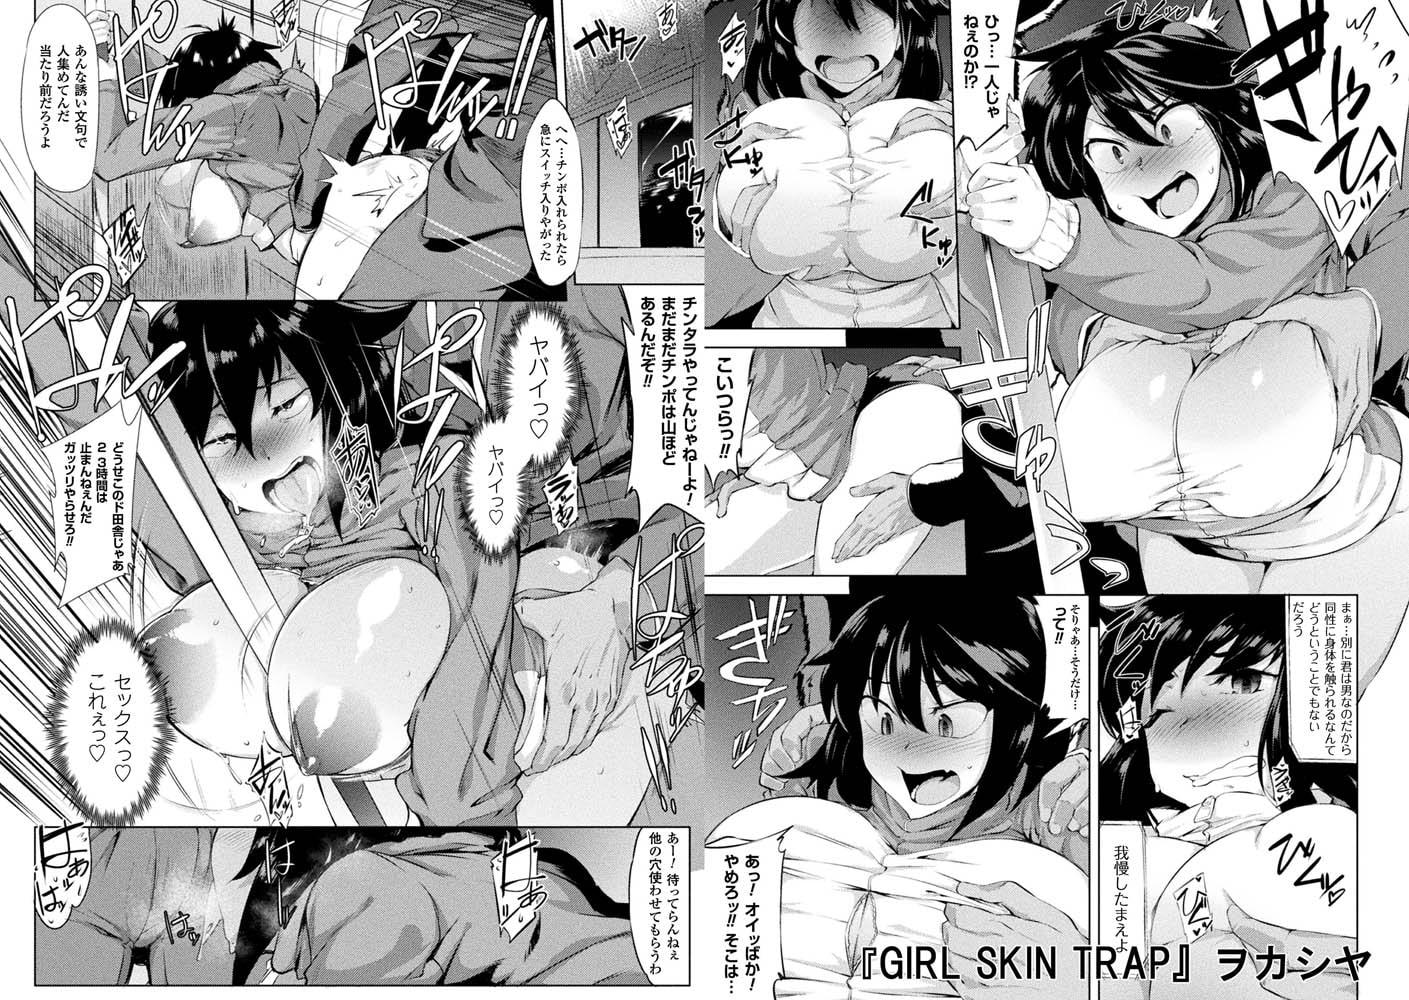 二次元コミックマガジン 性転換した俺が痴漢されてメスイキ絶頂! Vol.2